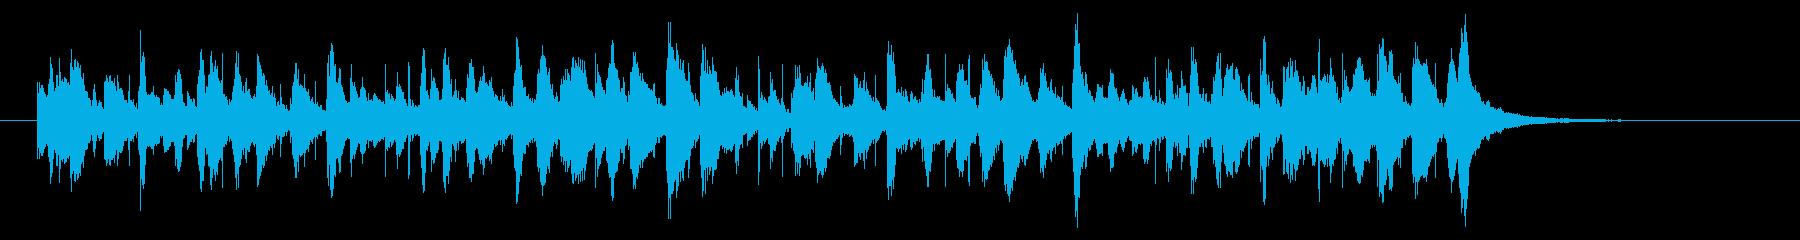 カリプソ風のジングルの再生済みの波形